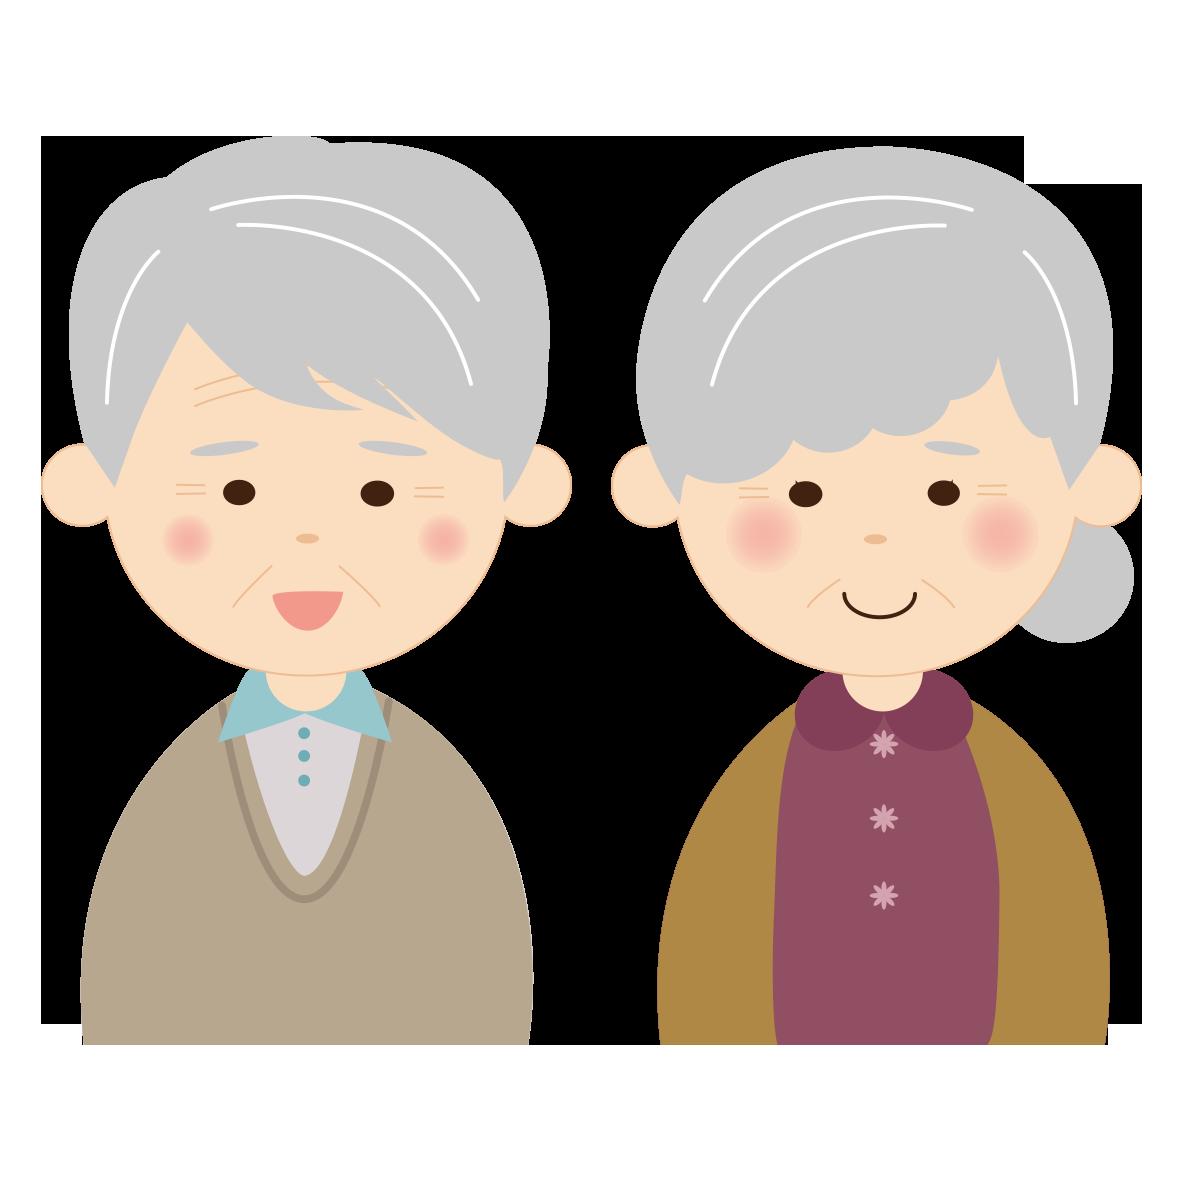 おじいさんとおばあさん 無料イラスト愛